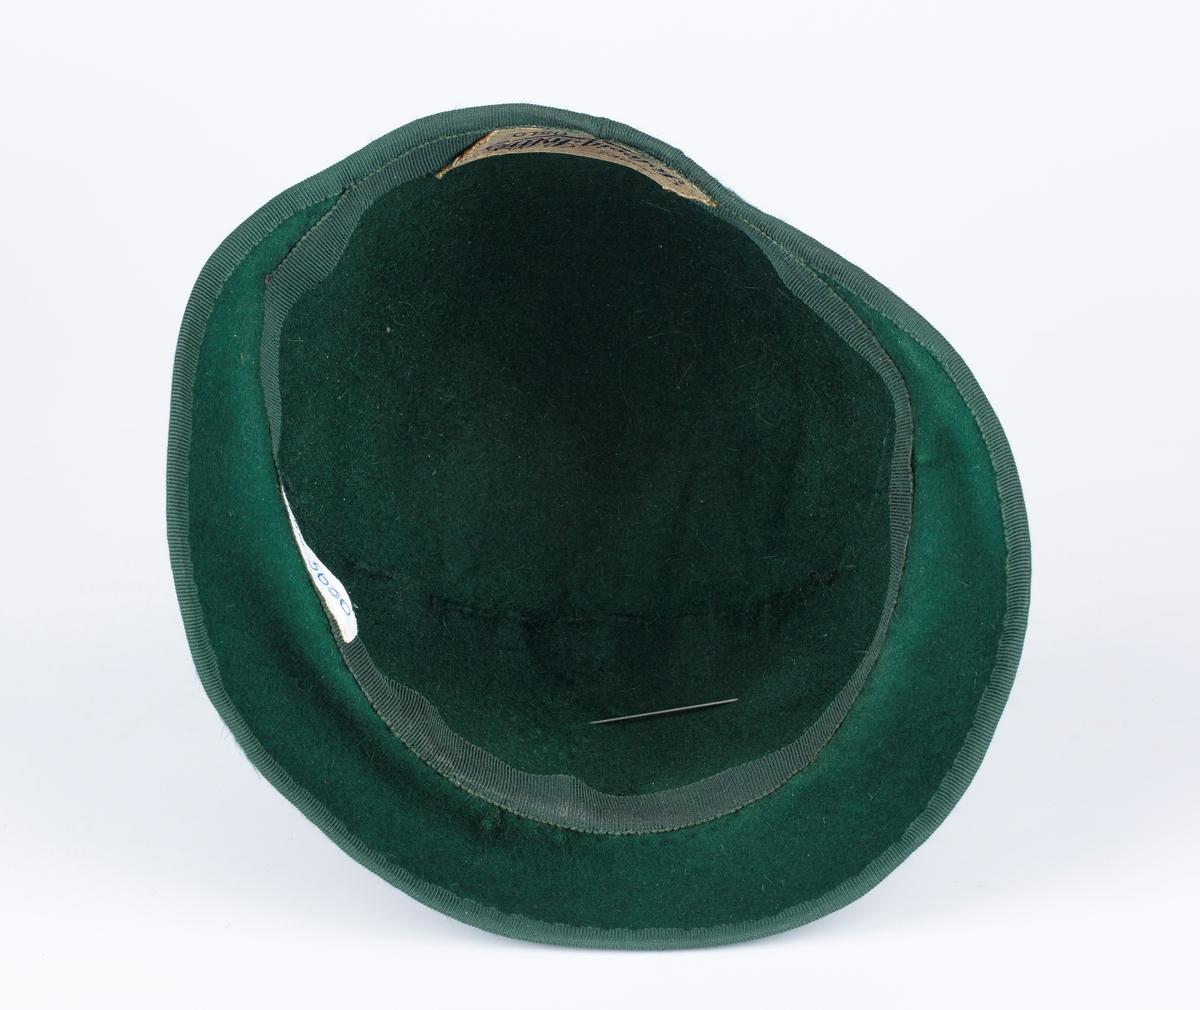 Hatt. Rundet. Nedover rundet brem foran. Foran sløyfe med 2 pynteknapper laget av tvunnet glassperlesnor.  Hattenål med hode av stoffet. Hatt til drakt/kåpe.